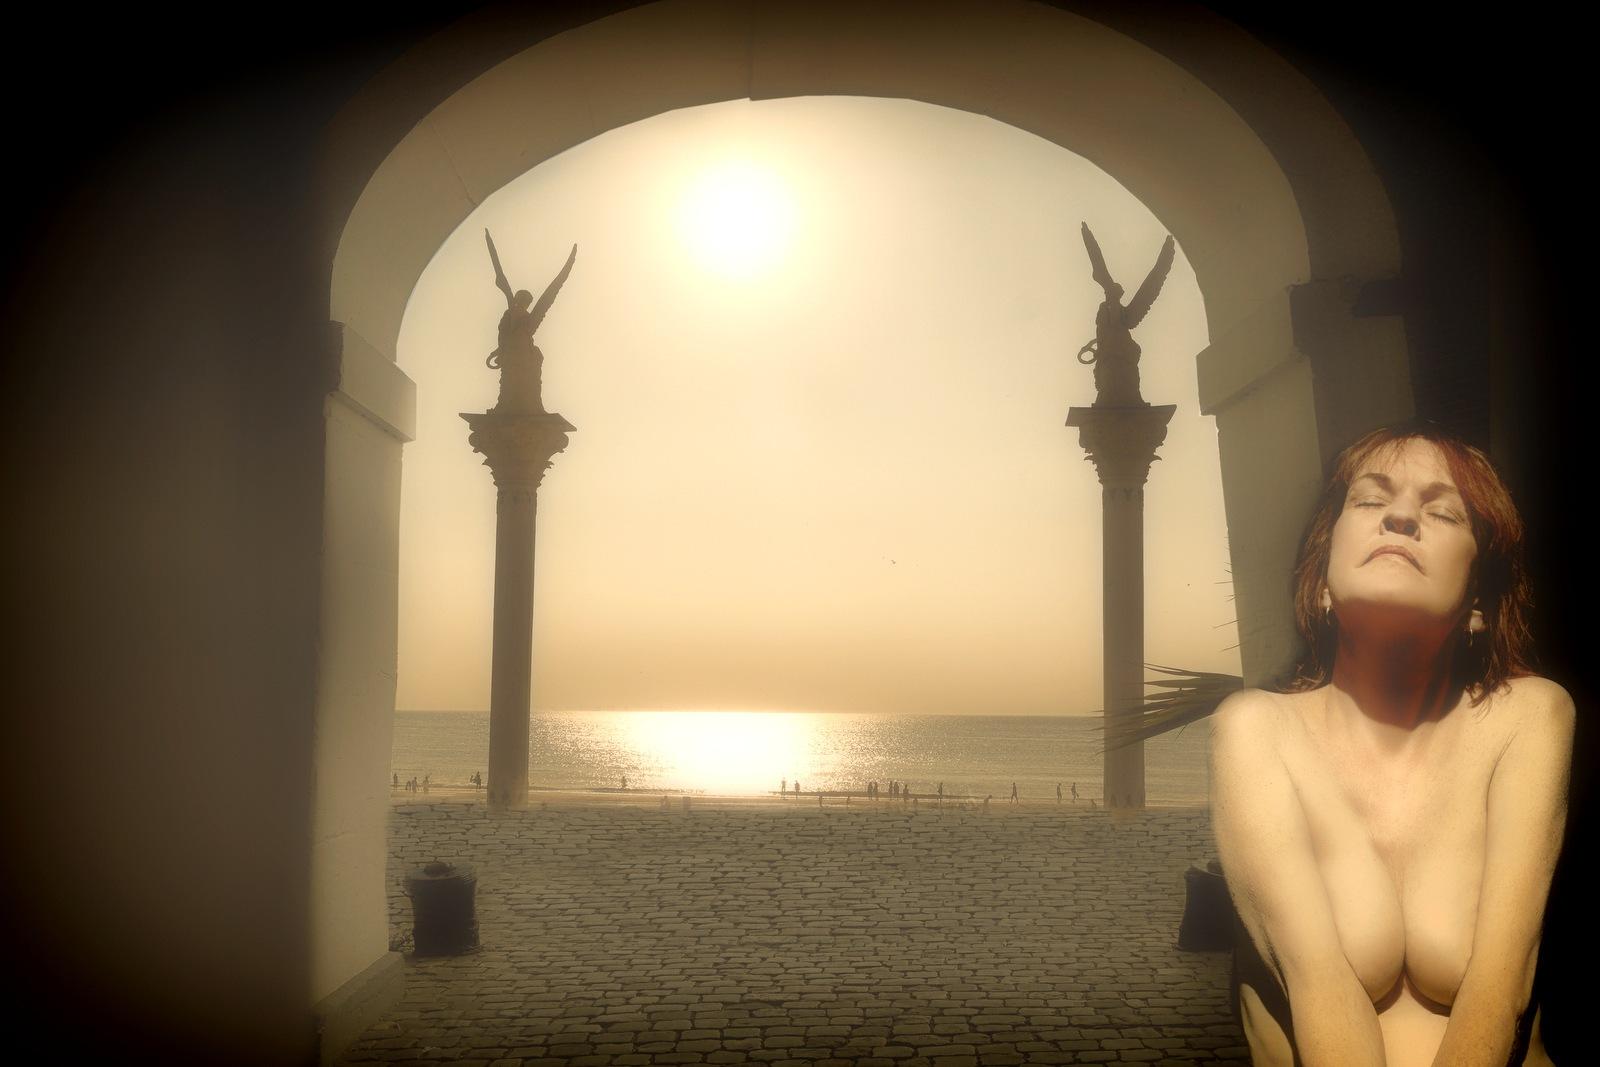 Sunbath by Ton de Vrind